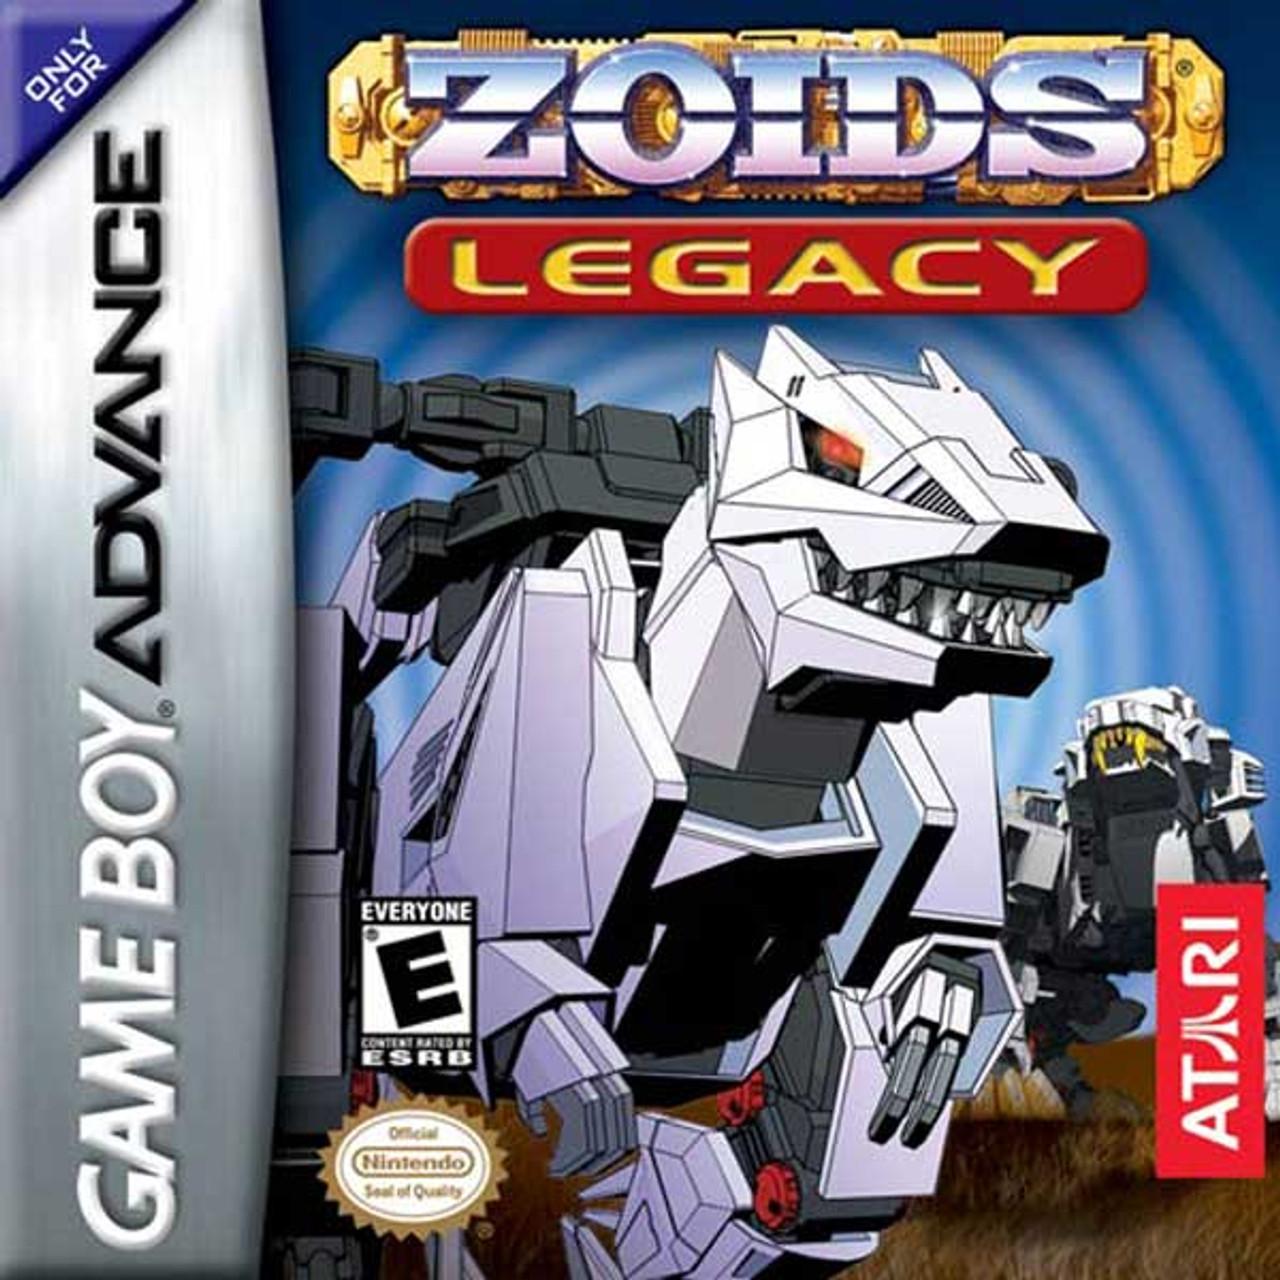 Zoids Legacy - Game Boy Advance Game